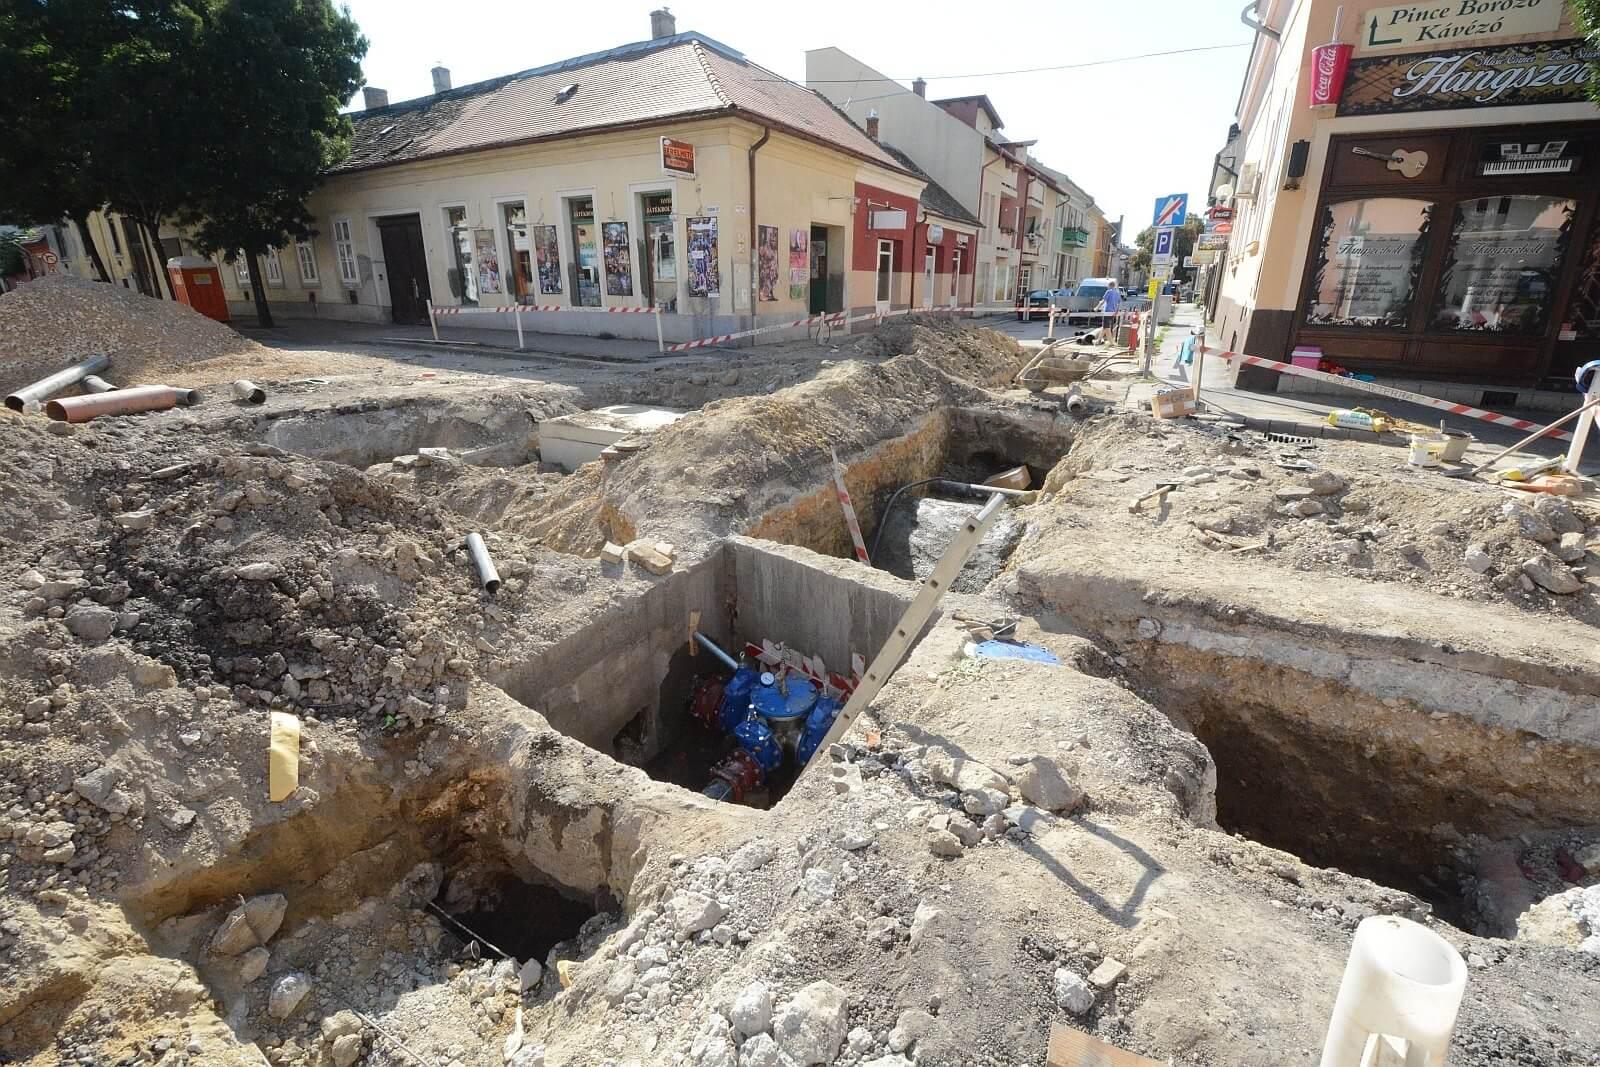 A Colas Alterra újítja meg a közműveket Székesfehérvár belvárosában